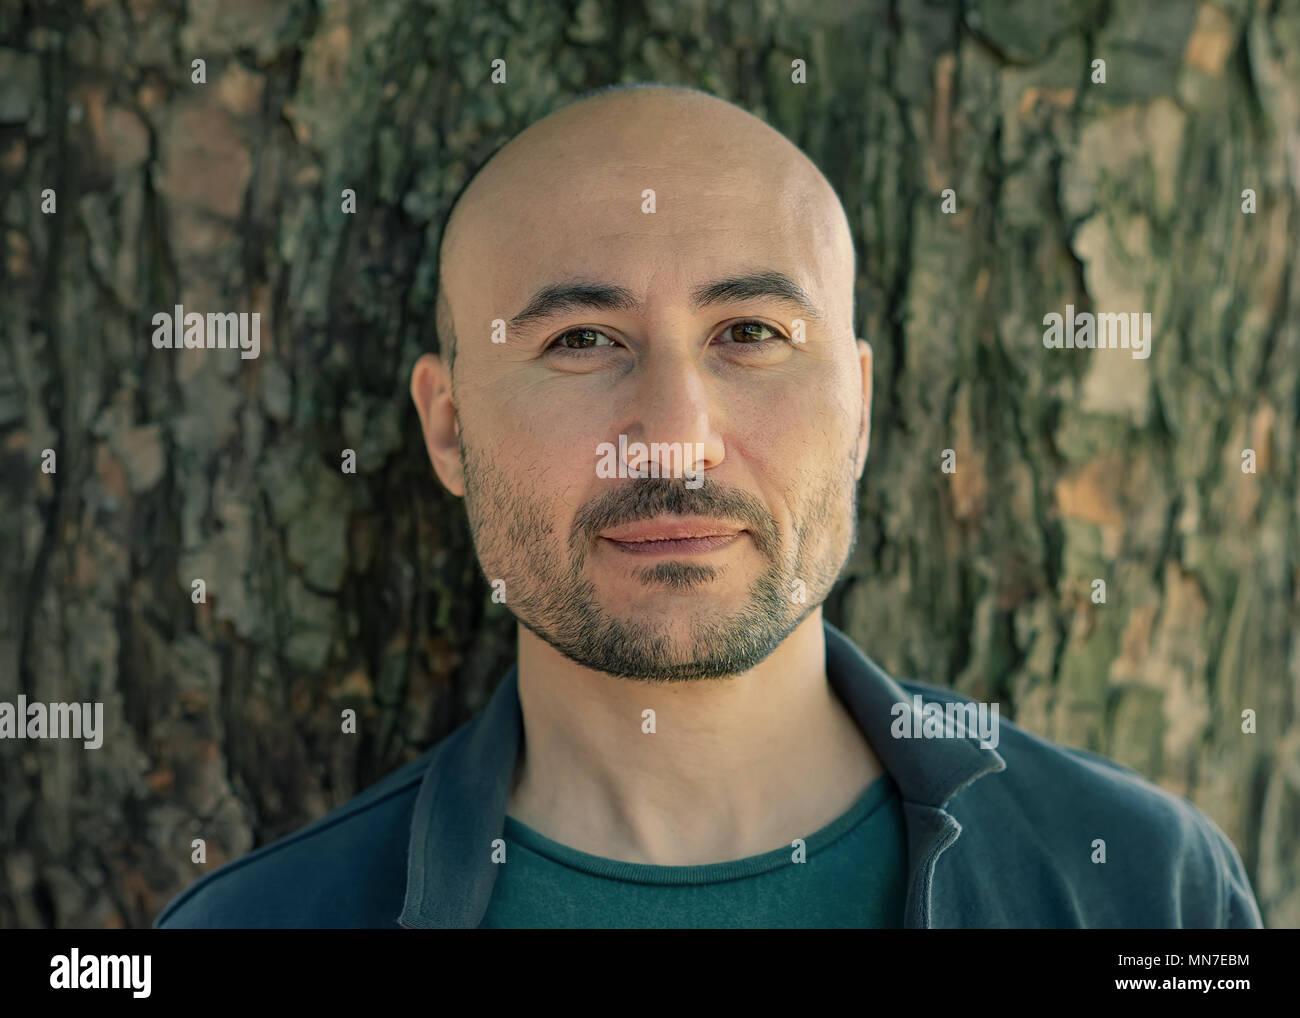 Cara de un barbudo hombre calvo grave en el parque. Retrato de un hombre de mediana edad. Foto de stock